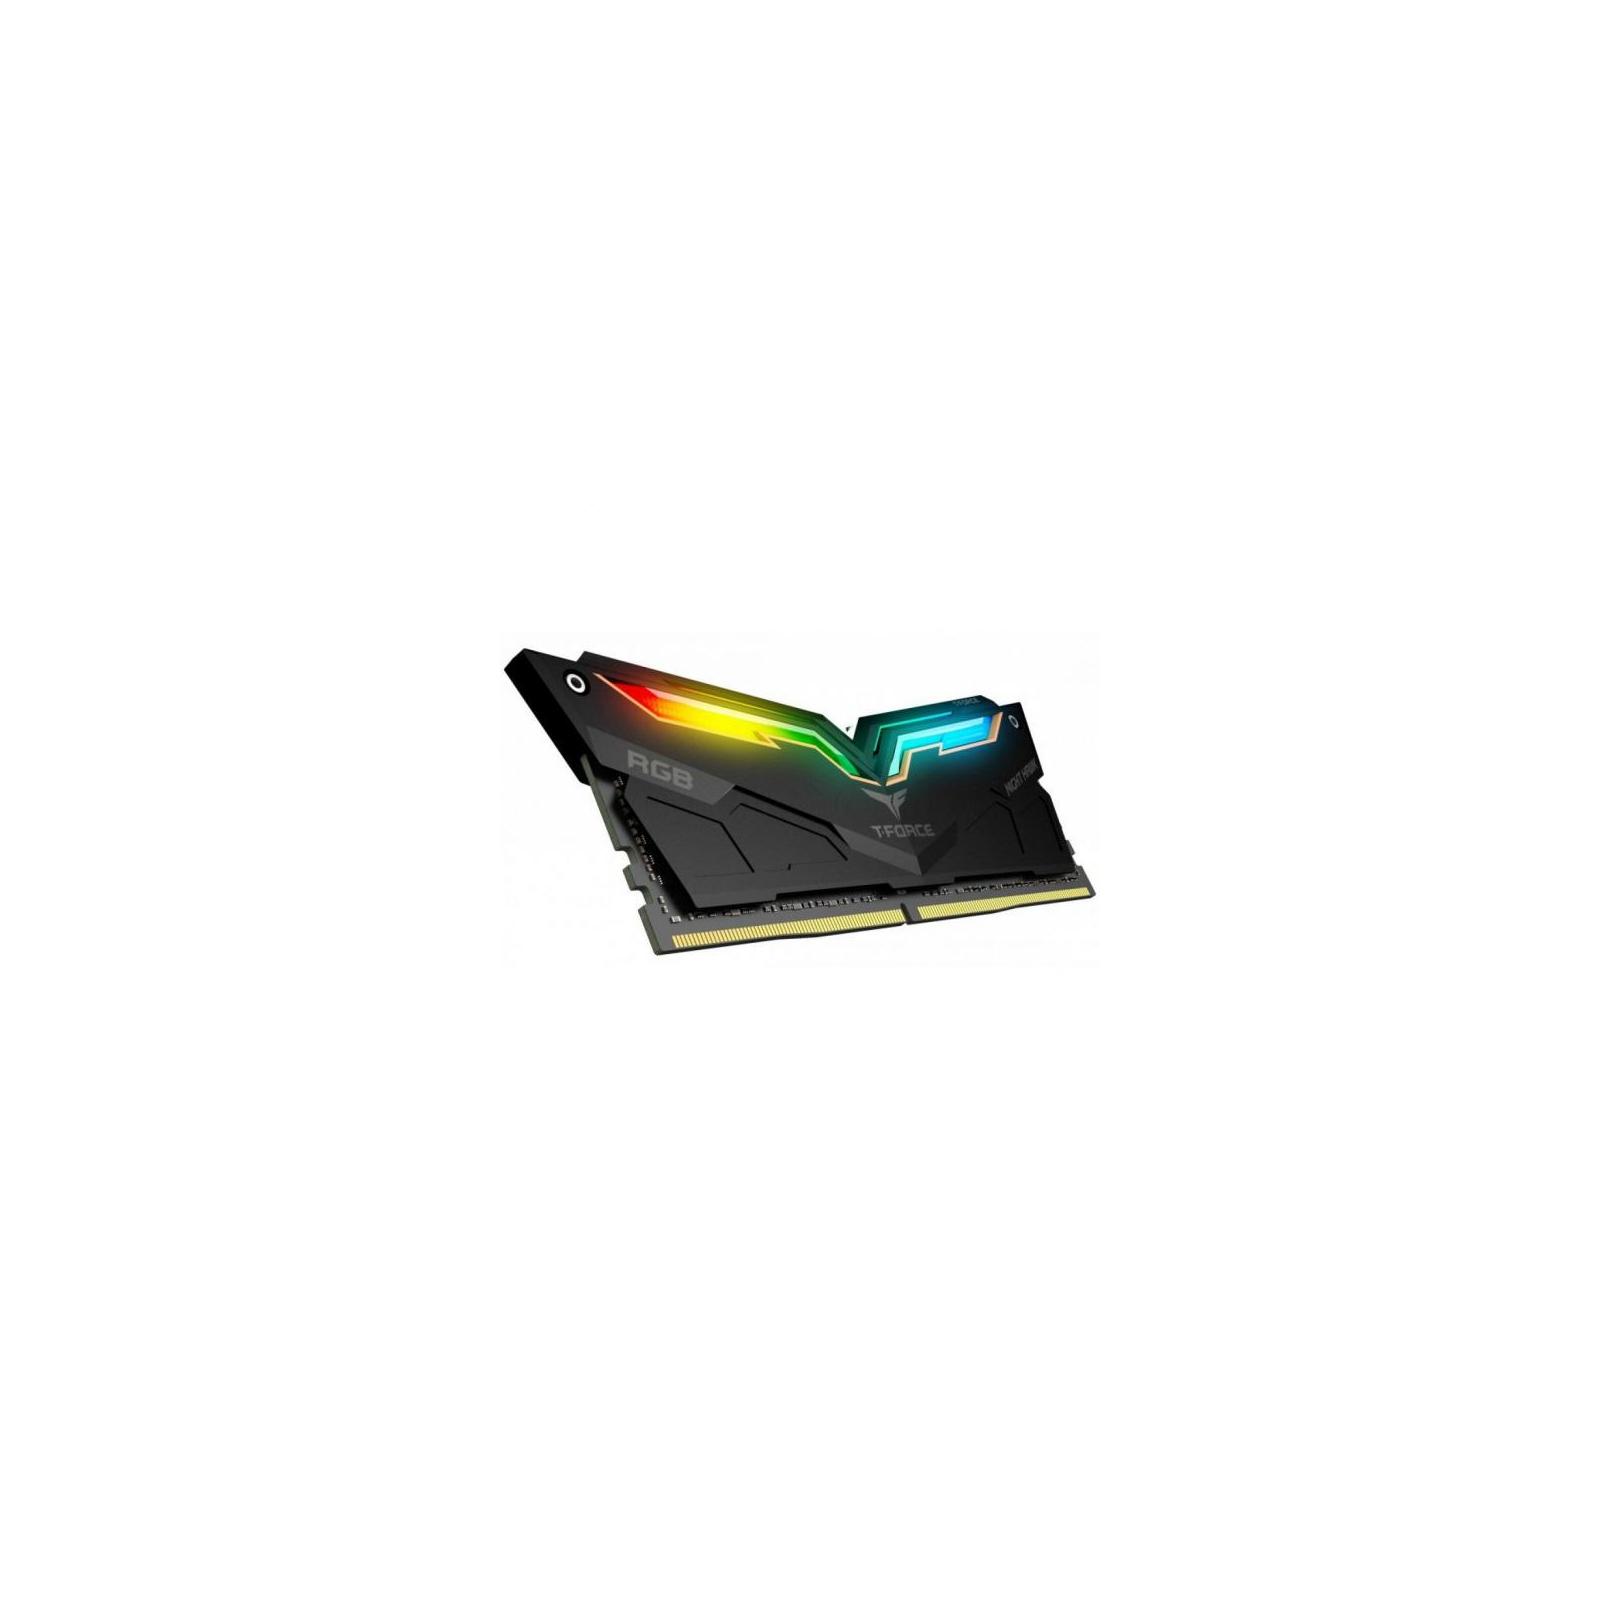 Модуль памяти для компьютера DDR4 32GB (2x16GB) 3200 MHz T-Force Night Hawk RGB Black Team (TF1D432G3200HC16CDC0) изображение 2